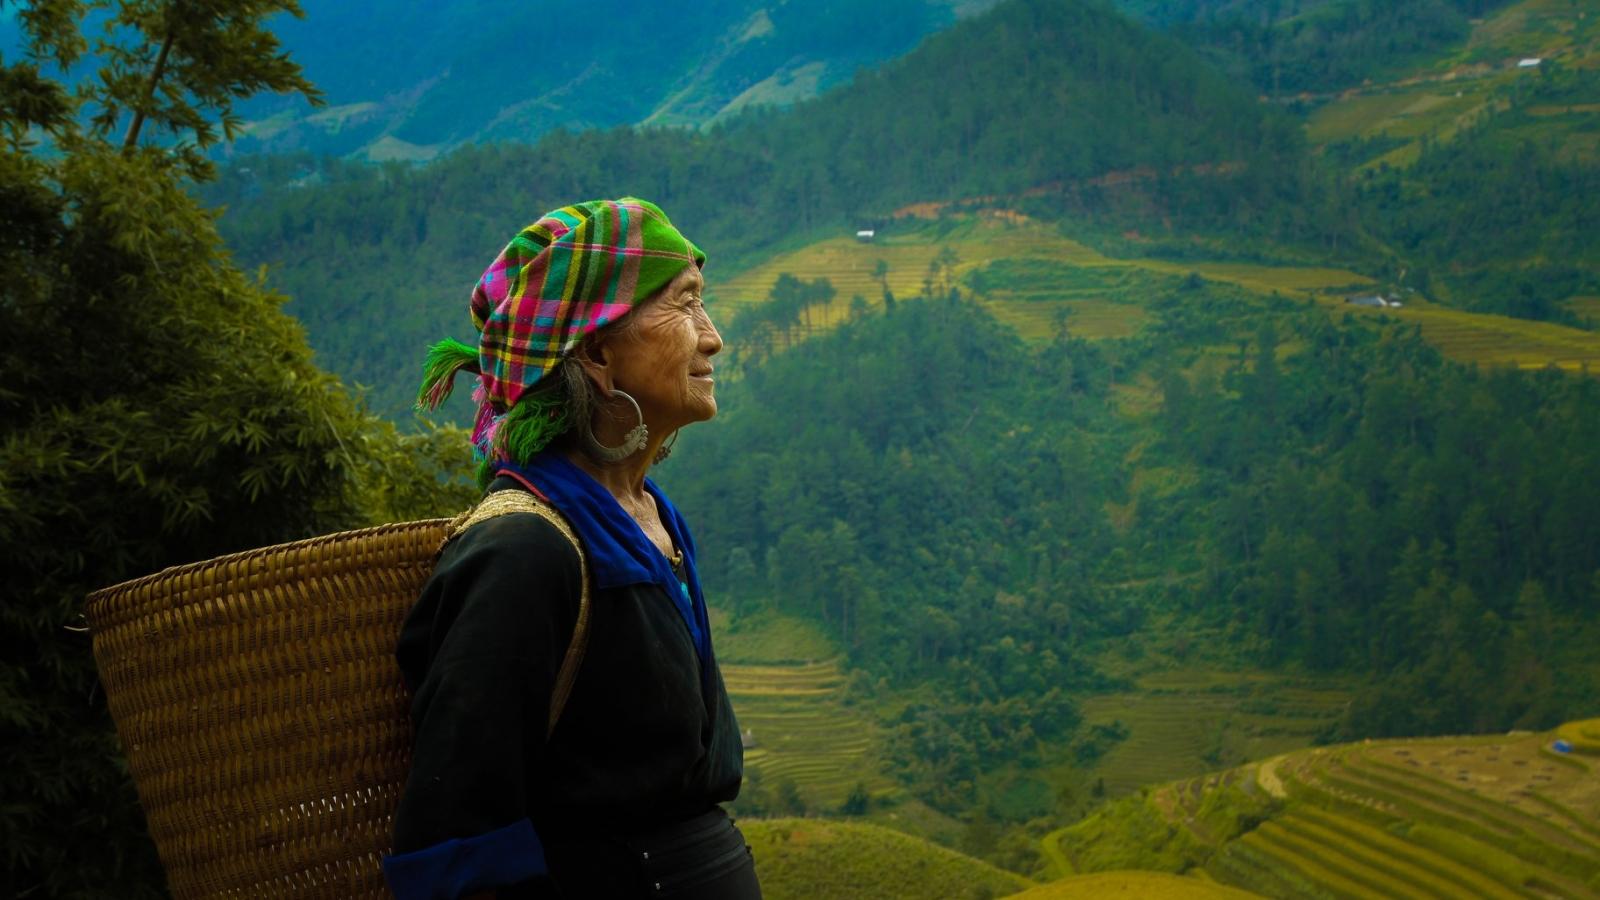 """Ảnh dự thi """"Việt Nam trong tôi"""": Người phụ nữ H'Mông"""